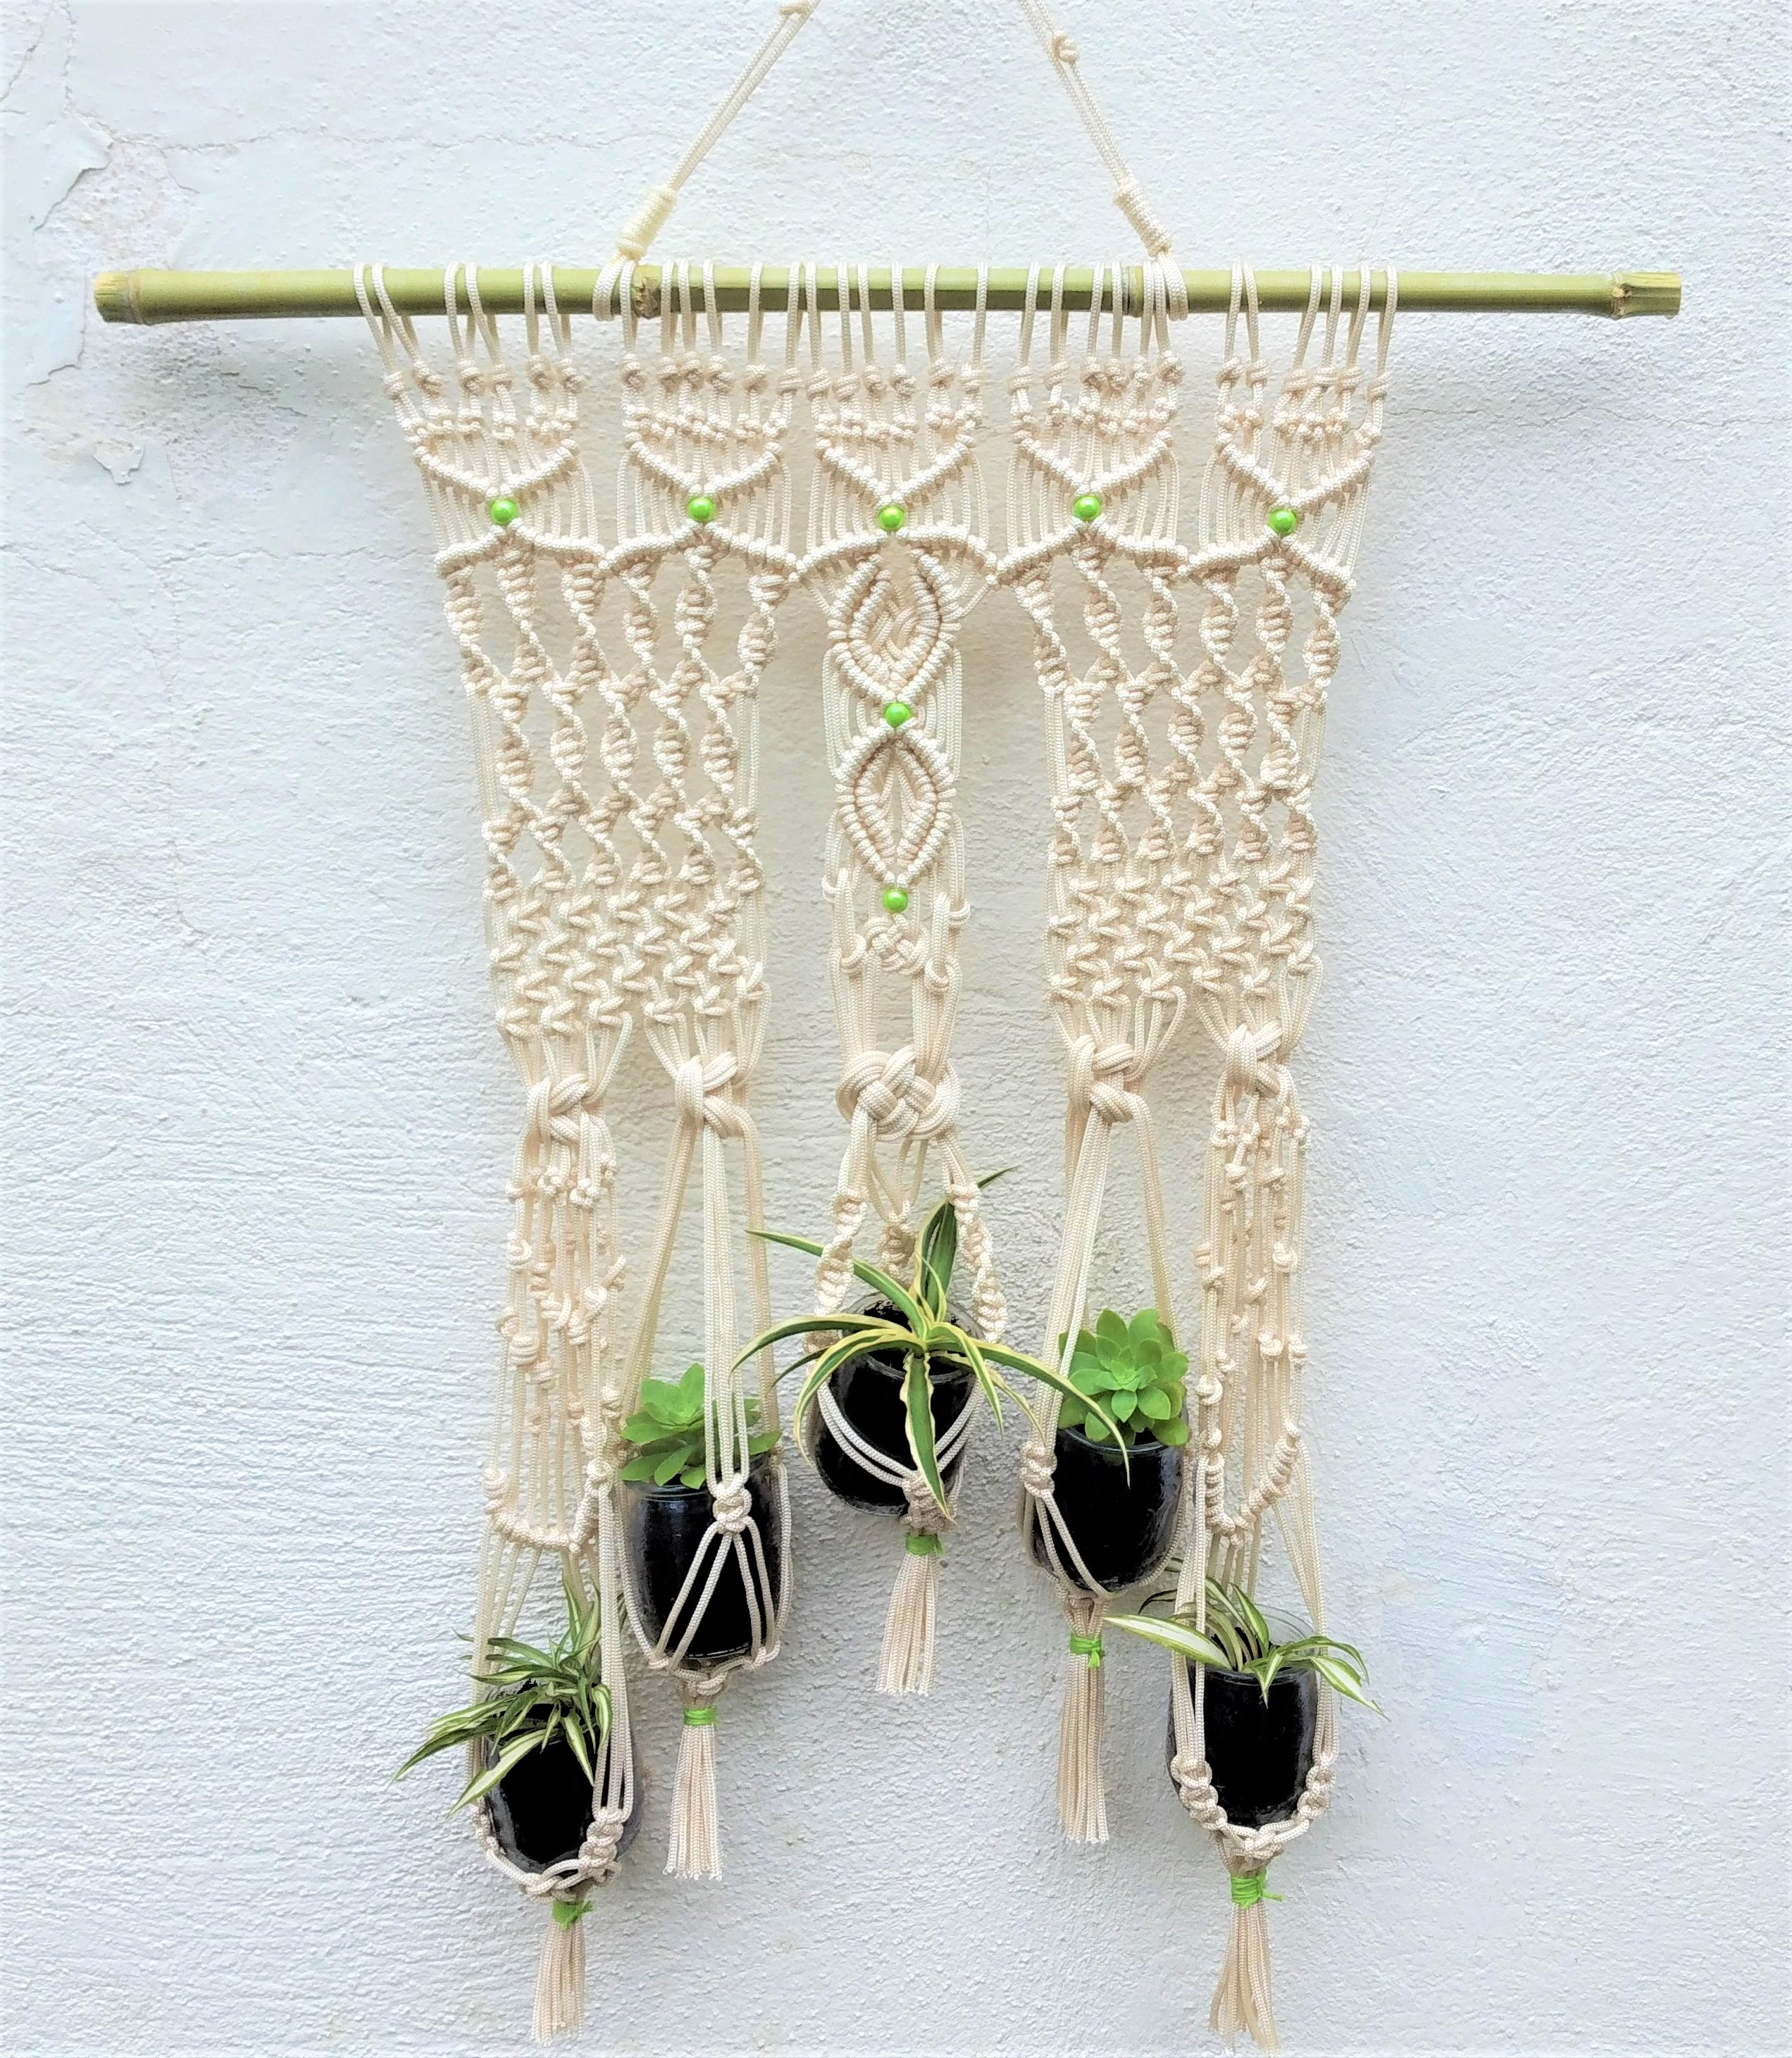 Suspension macramé pour plantes